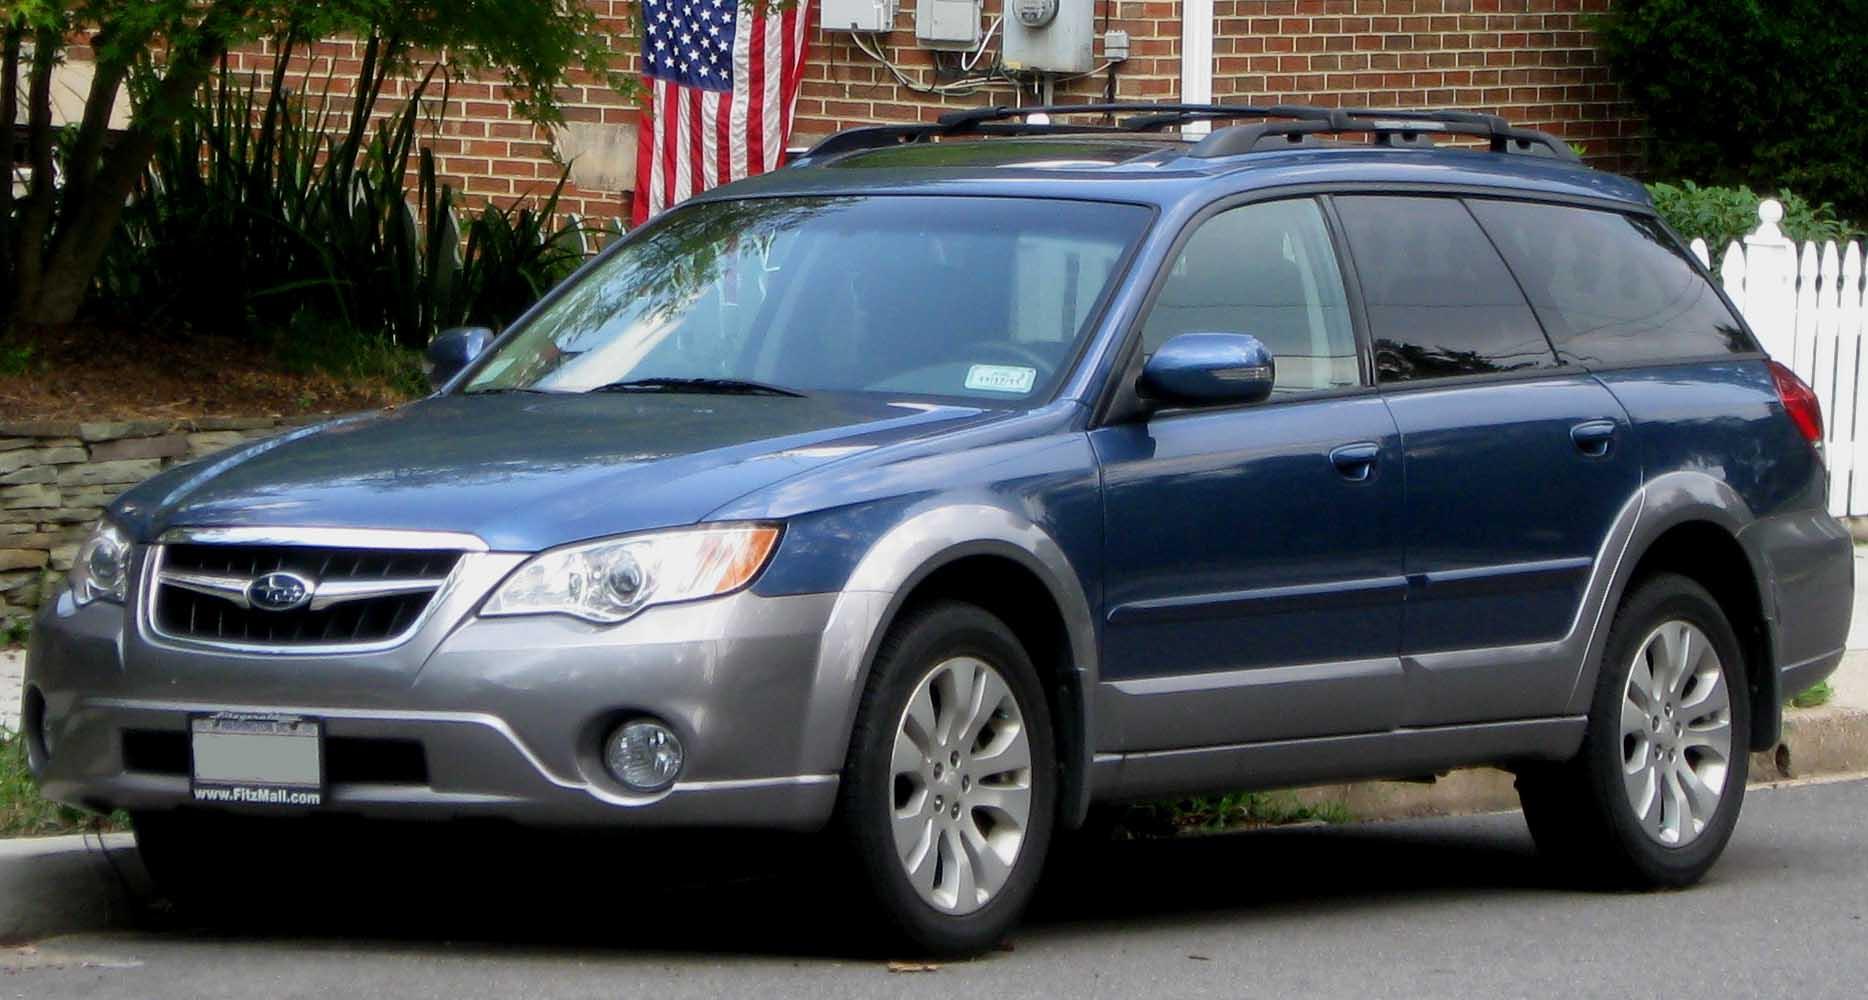 2009 Subaru Outback Image 9